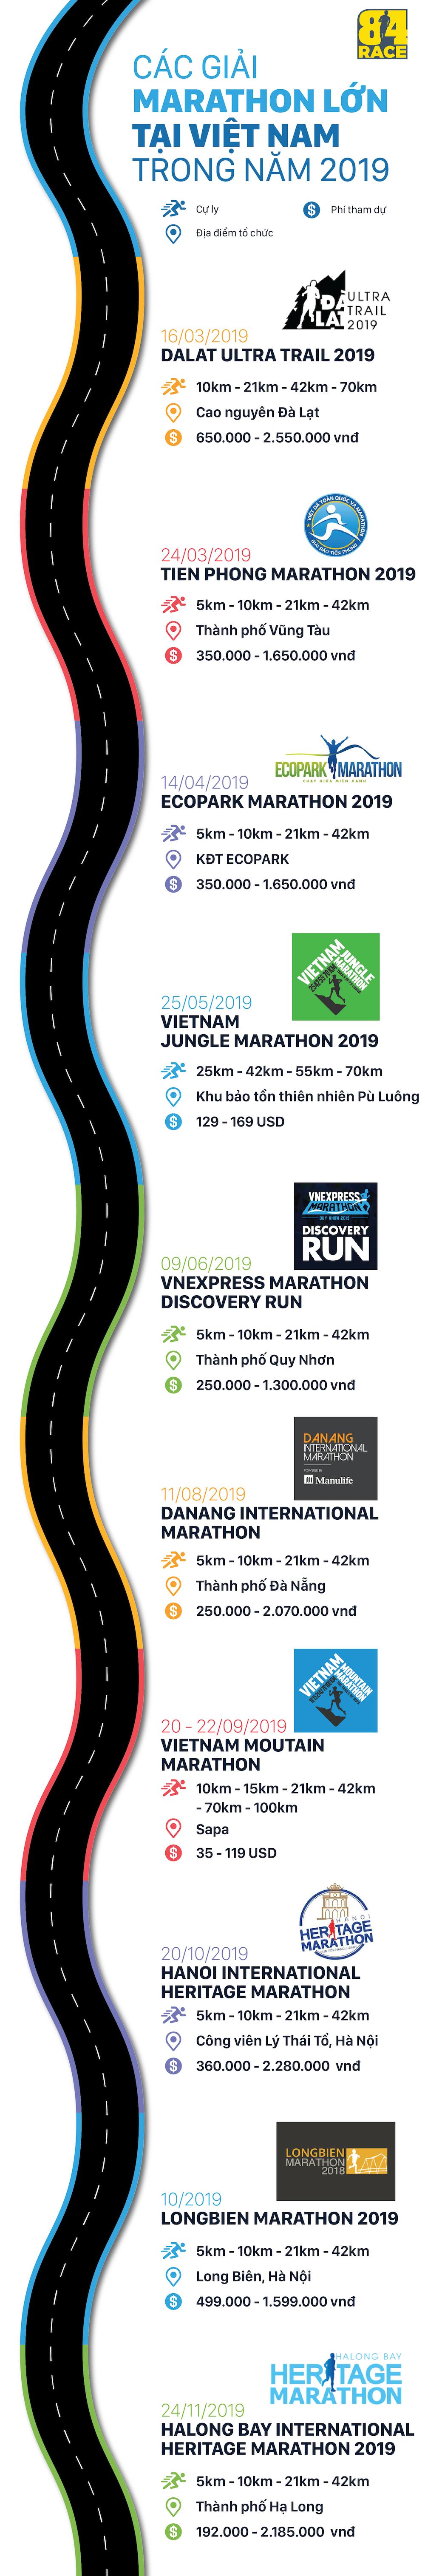 84RACE, run, runner, running, các giải chạy, marathon, giải marathon, chạy bộ, run, runner, running